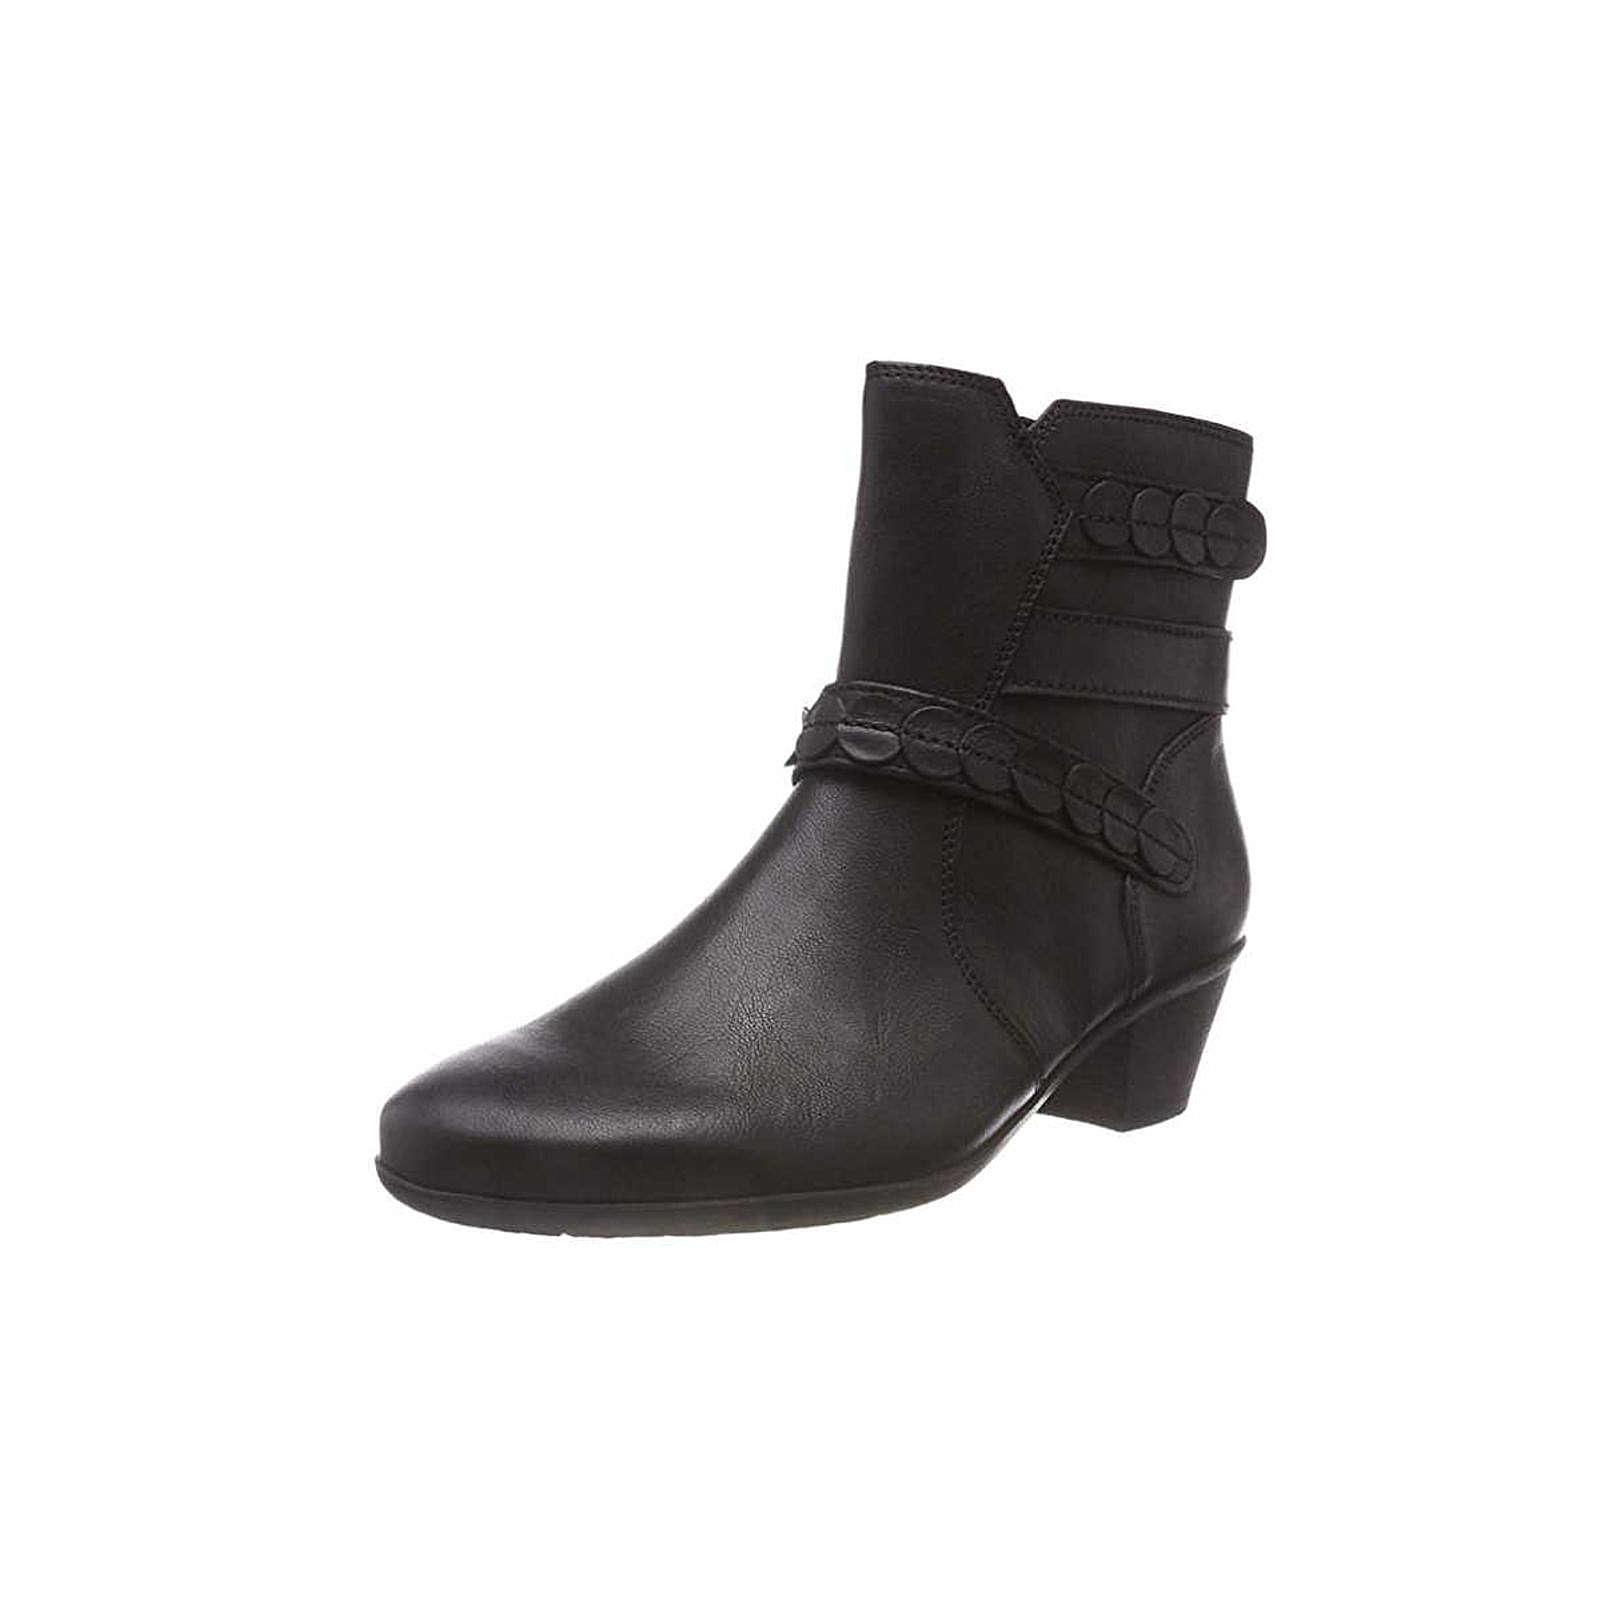 Gabor Stiefel schwarz schwarz Damen Gr. 37,5